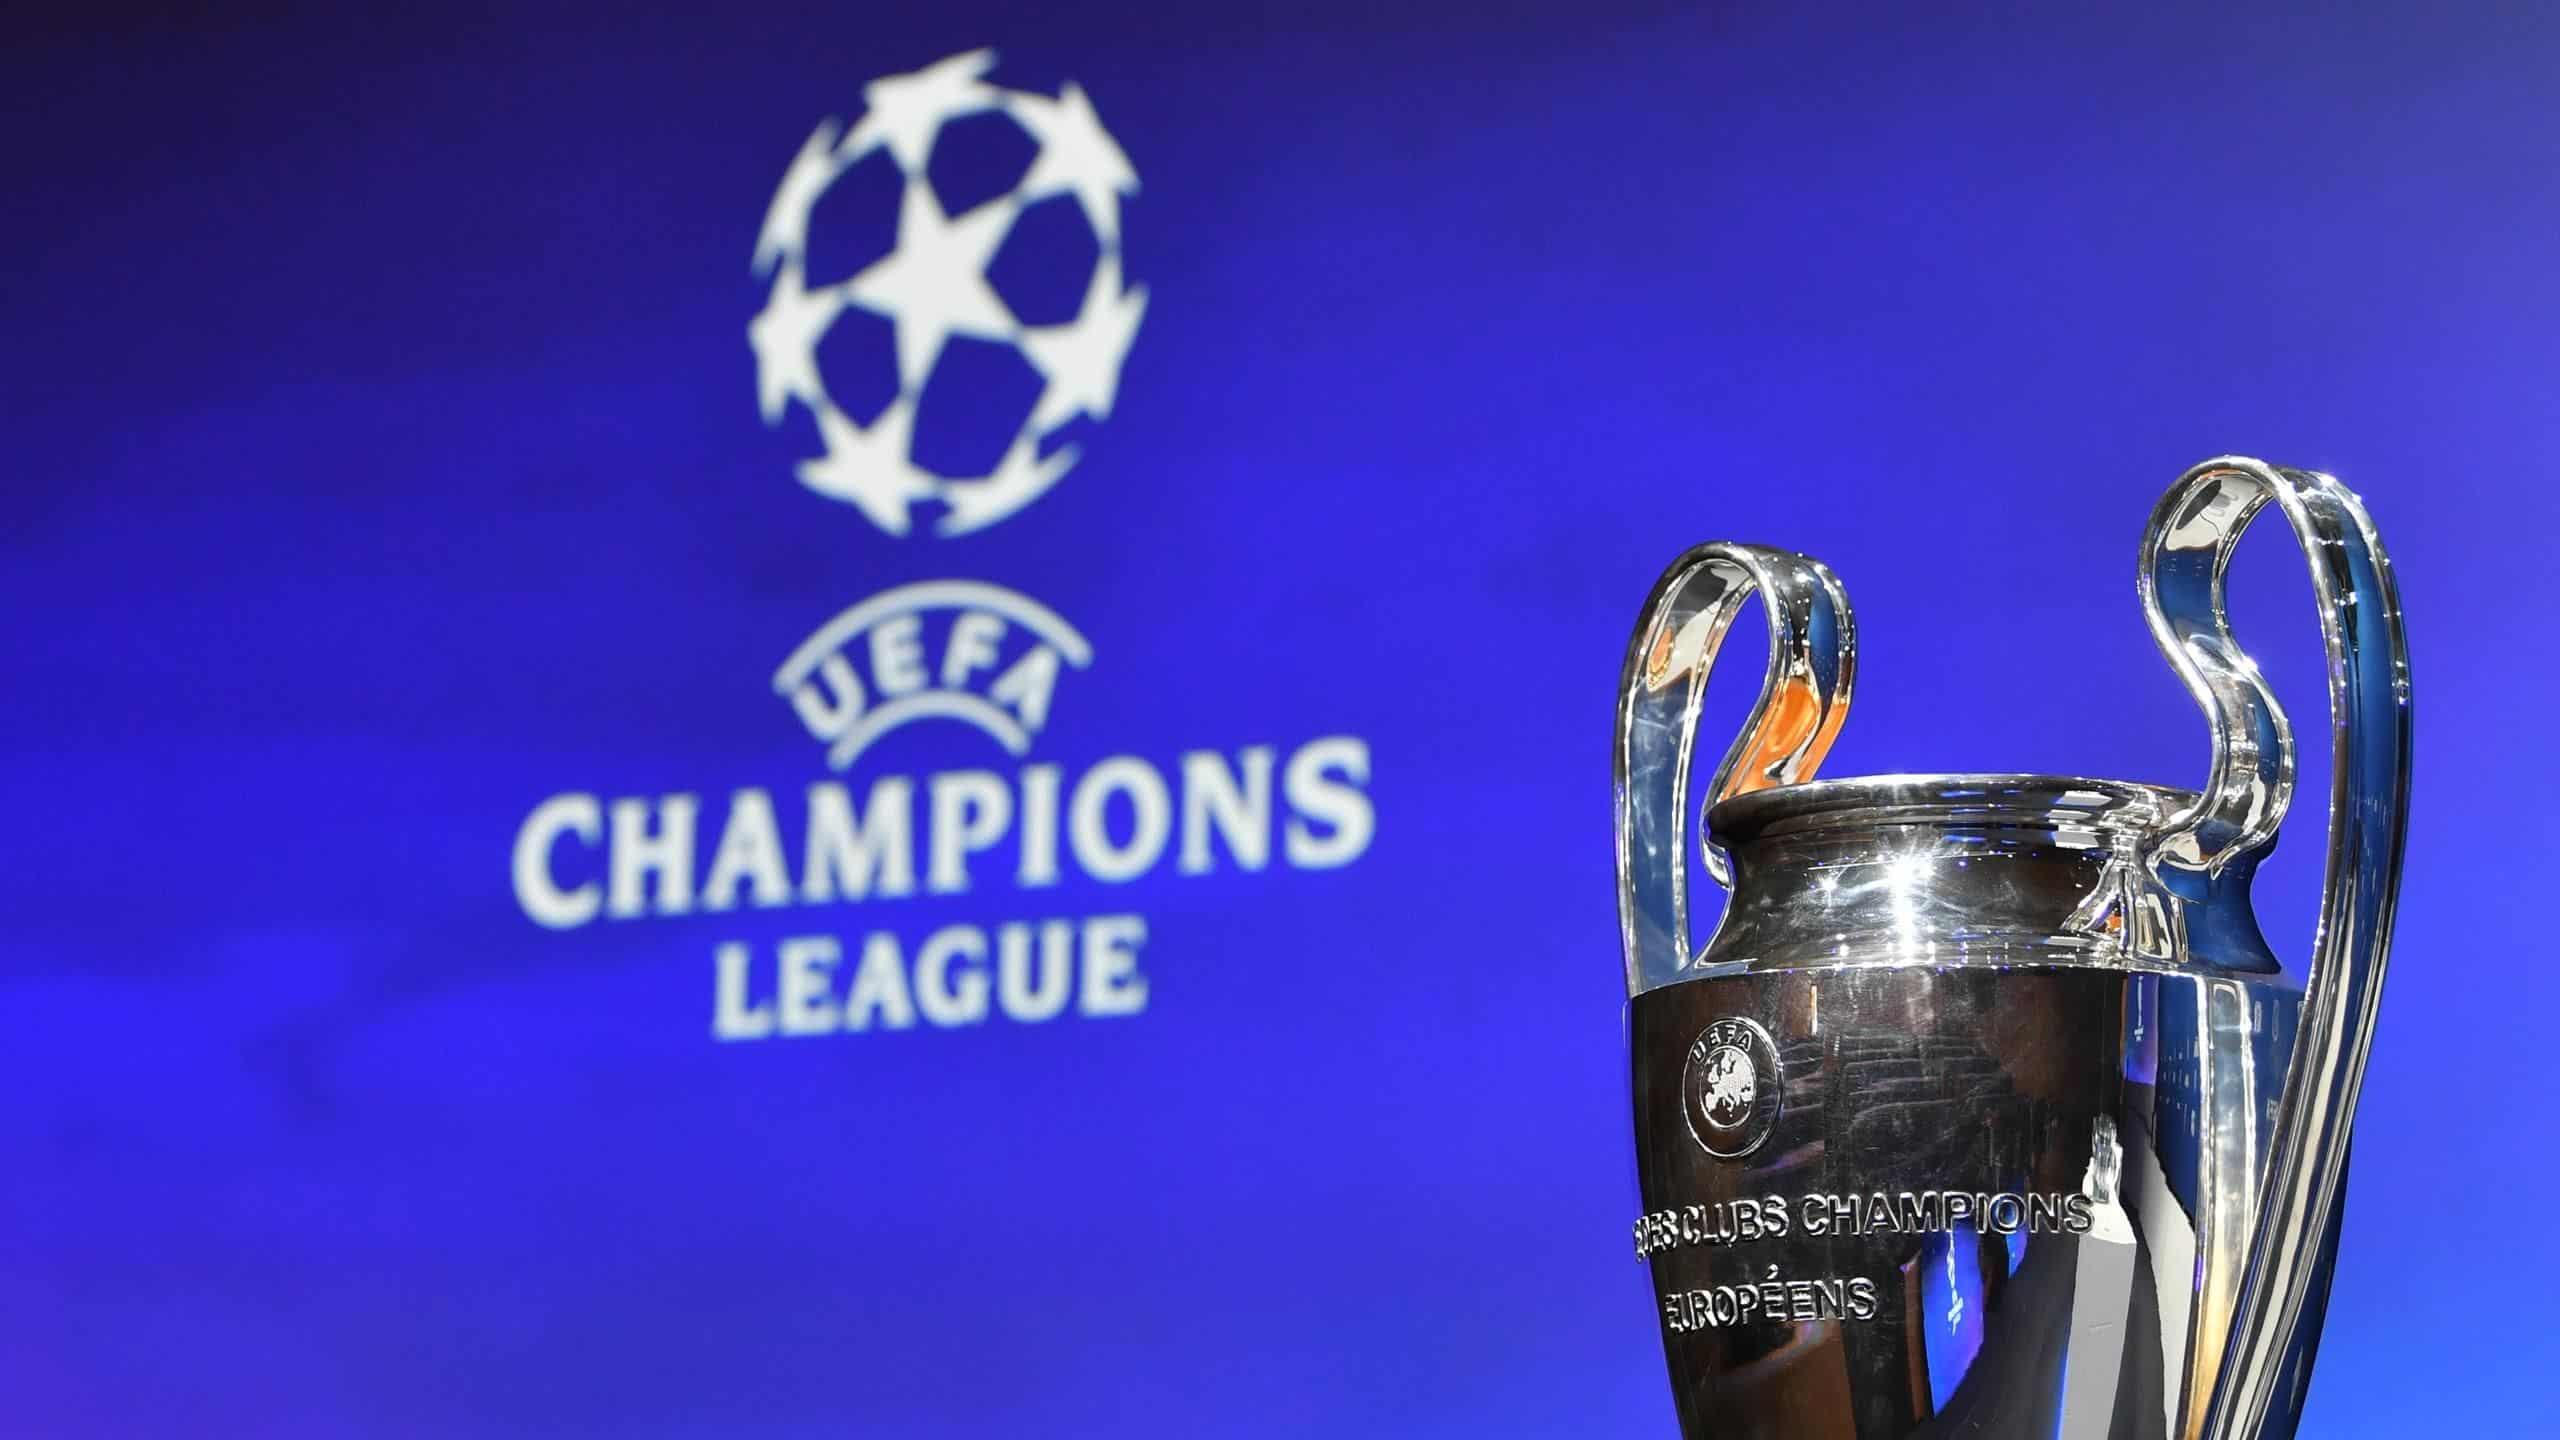 Pariuri Champions League 2020/2021